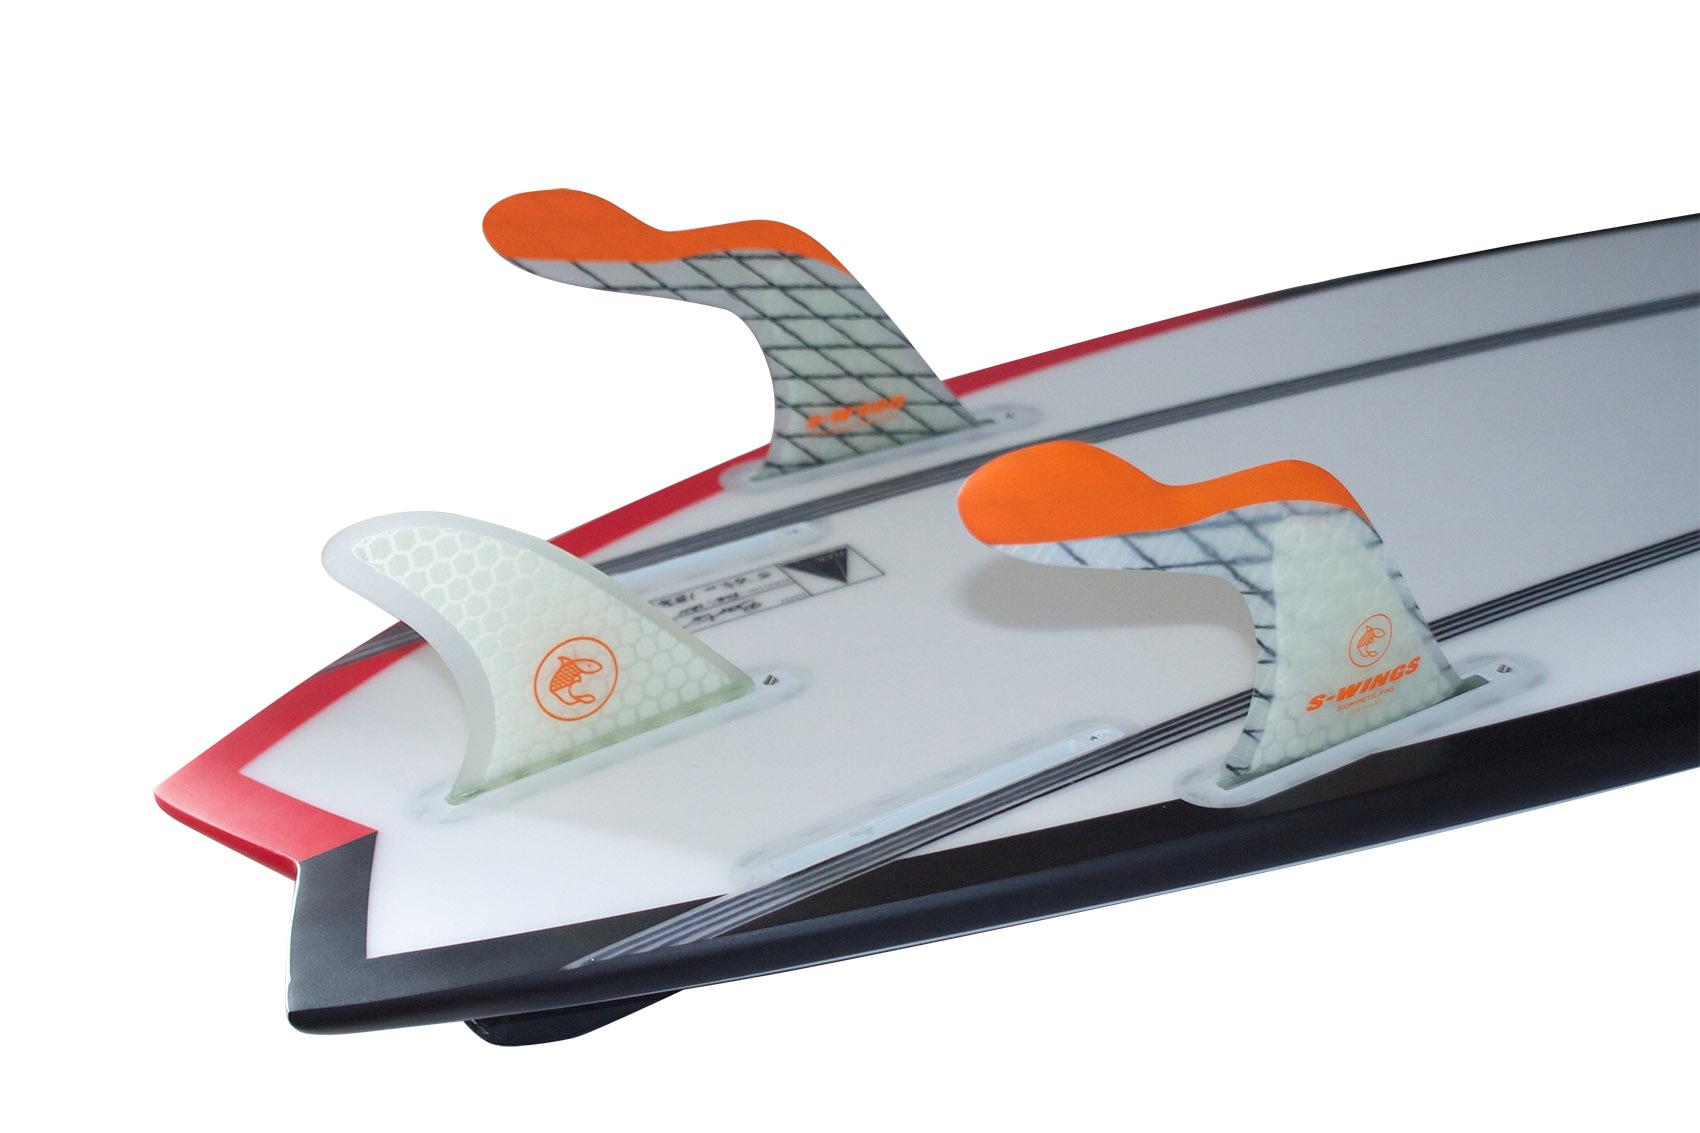 s-wing-sw-500-fins.jpg